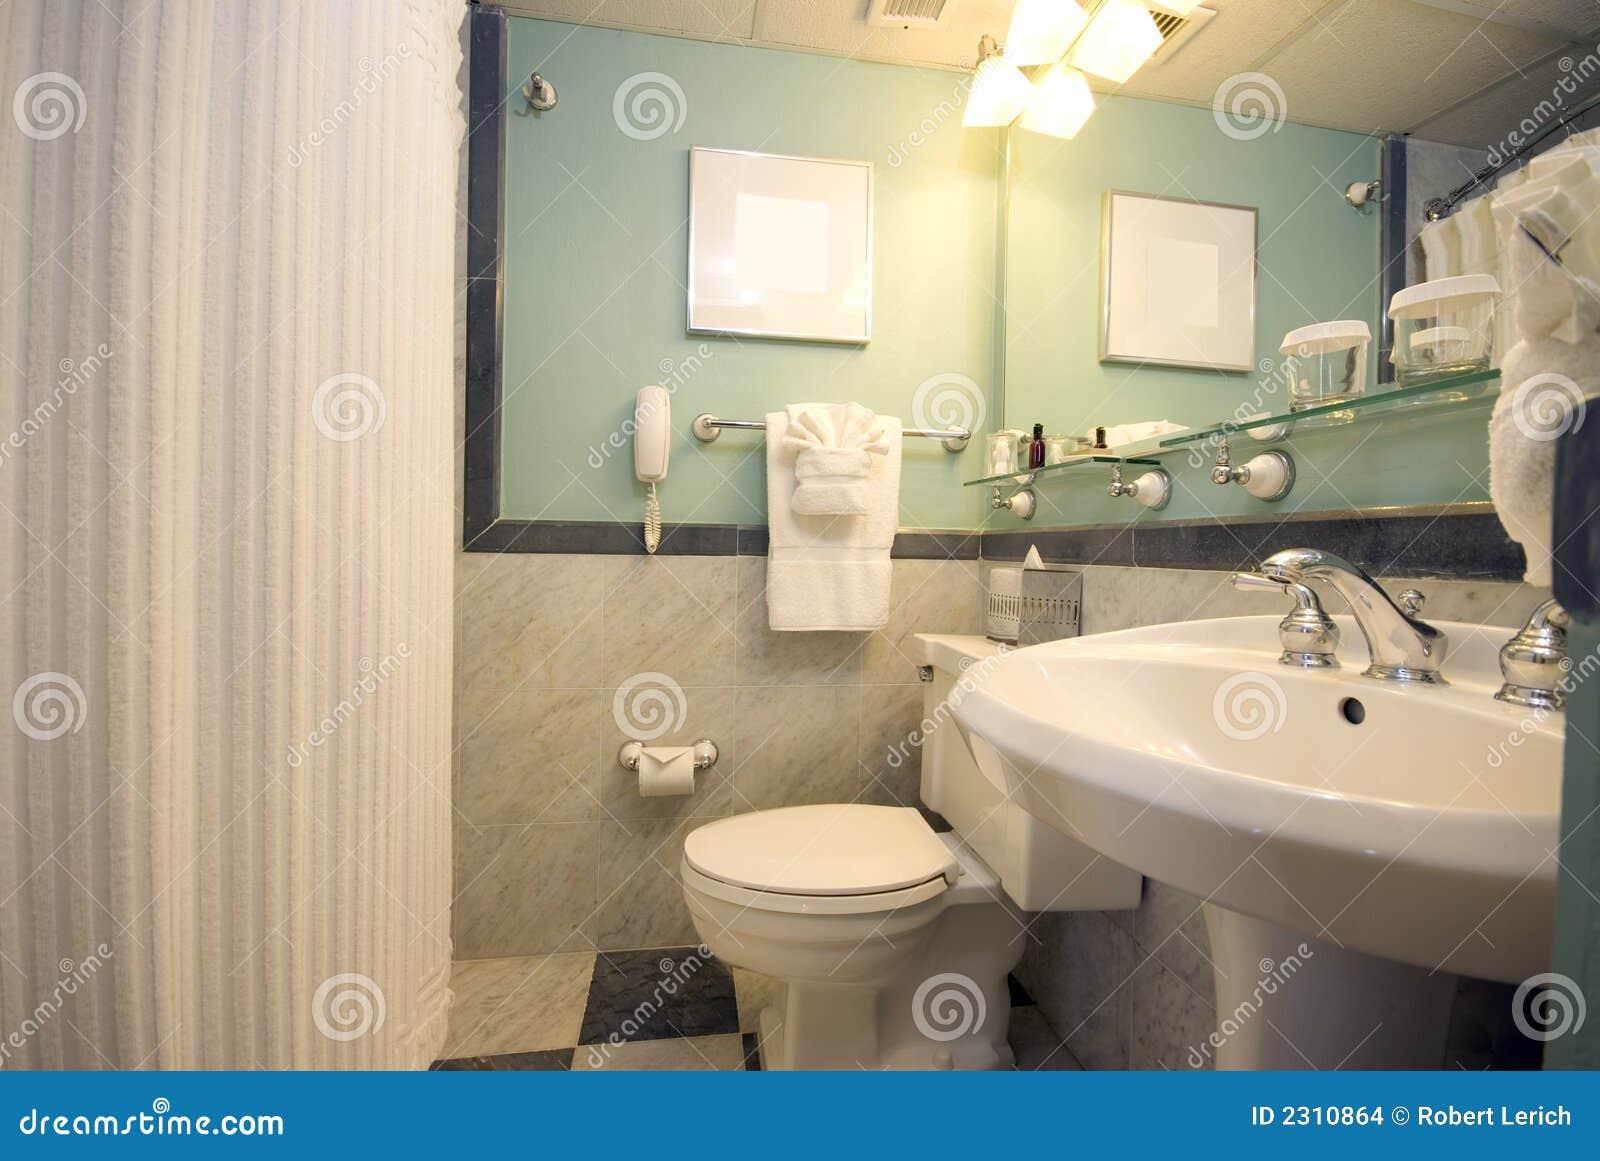 Banheiro Do Hotel De Luxo Imagens de Stock Imagem: 2310864 #82A328 1300x960 Banheiro De Luxo Pequeno